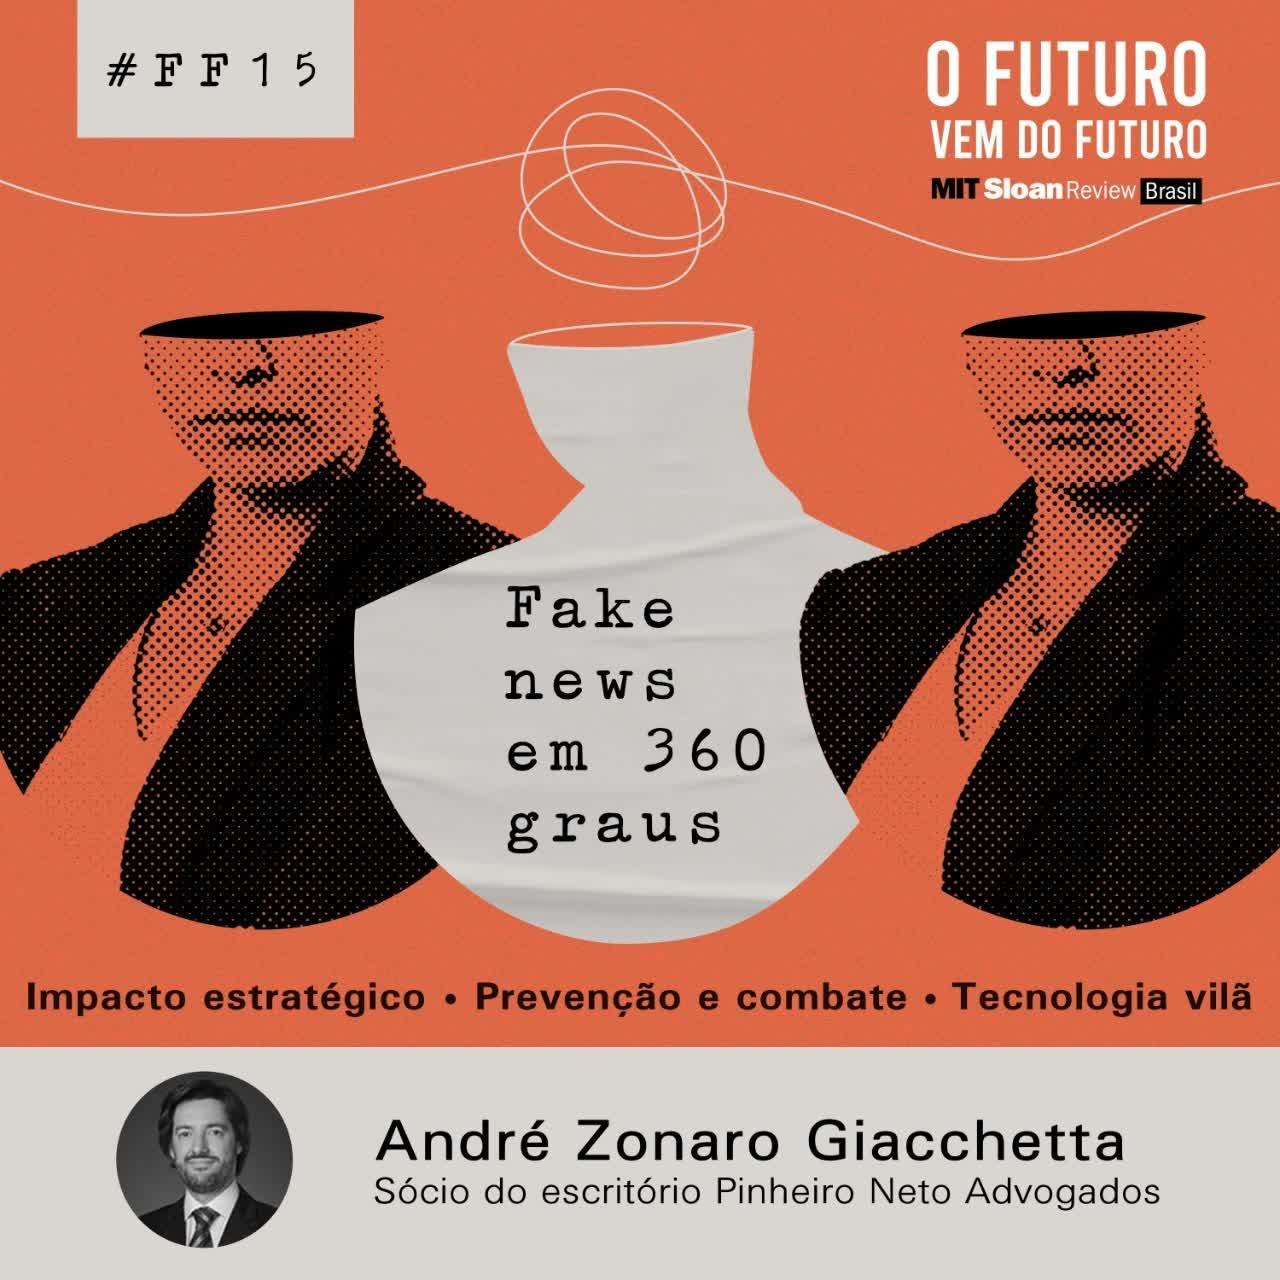 #FFS01E15 - André Zonaro Giacchetta: Impacto estratégico, prevenção e combate, tecnologia vilã